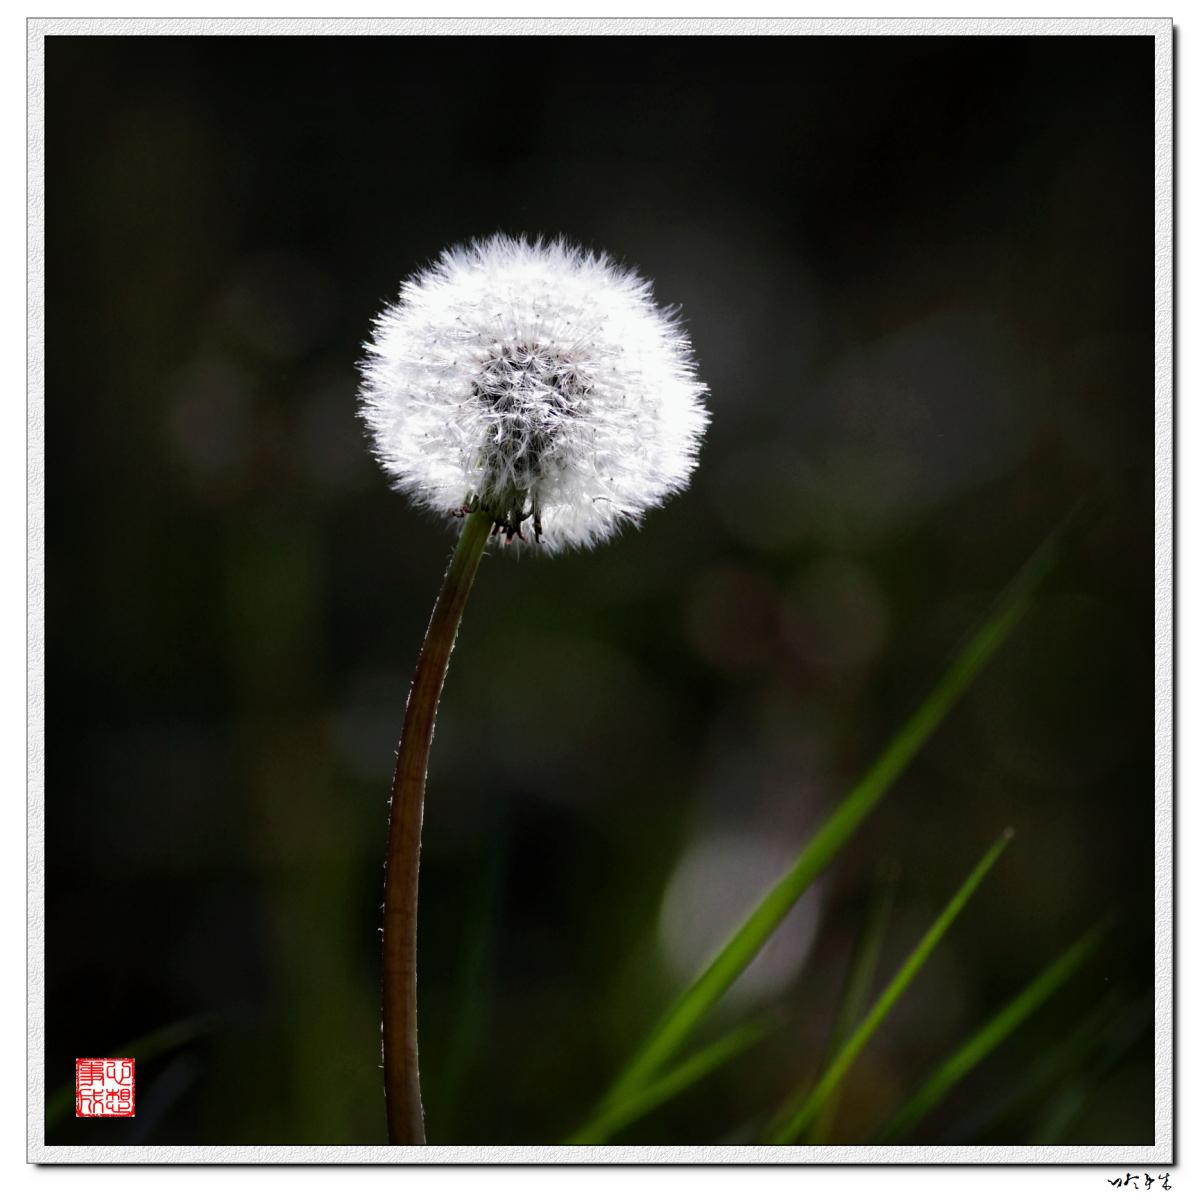 【心想事成】走进春天,感受春意_图1-5